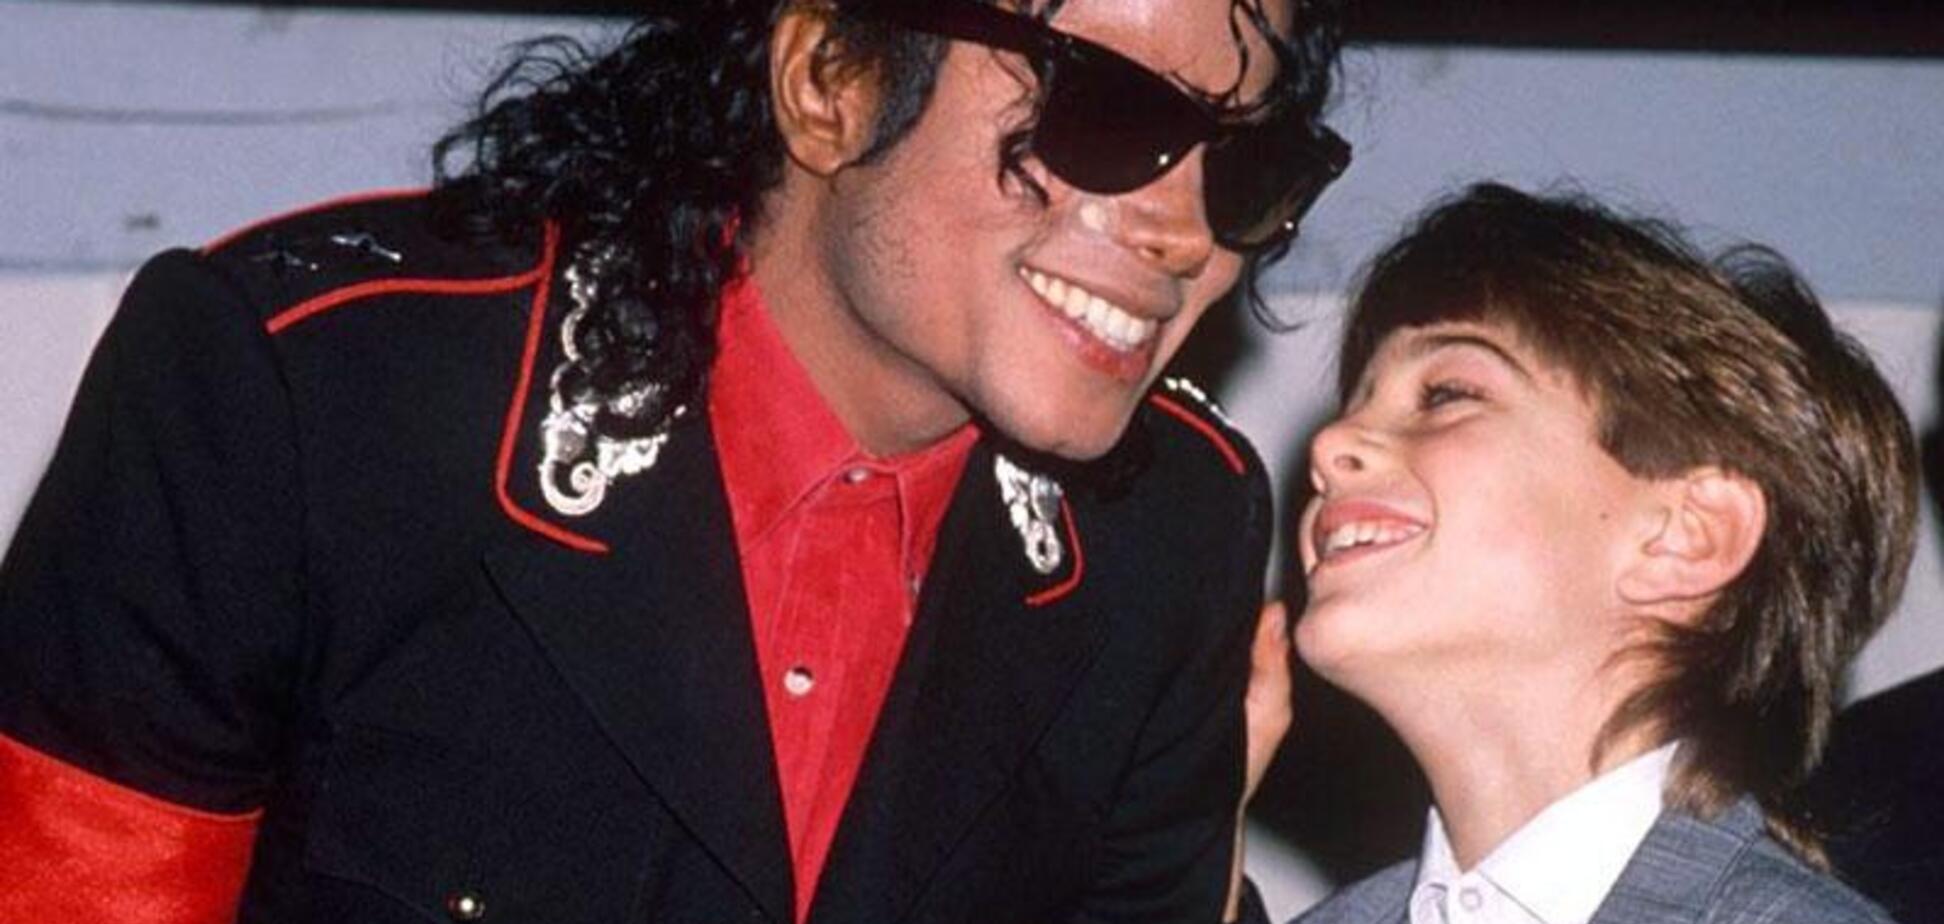 Появился русскоязычный трейлер скандального фильма о Майкле Джексоне